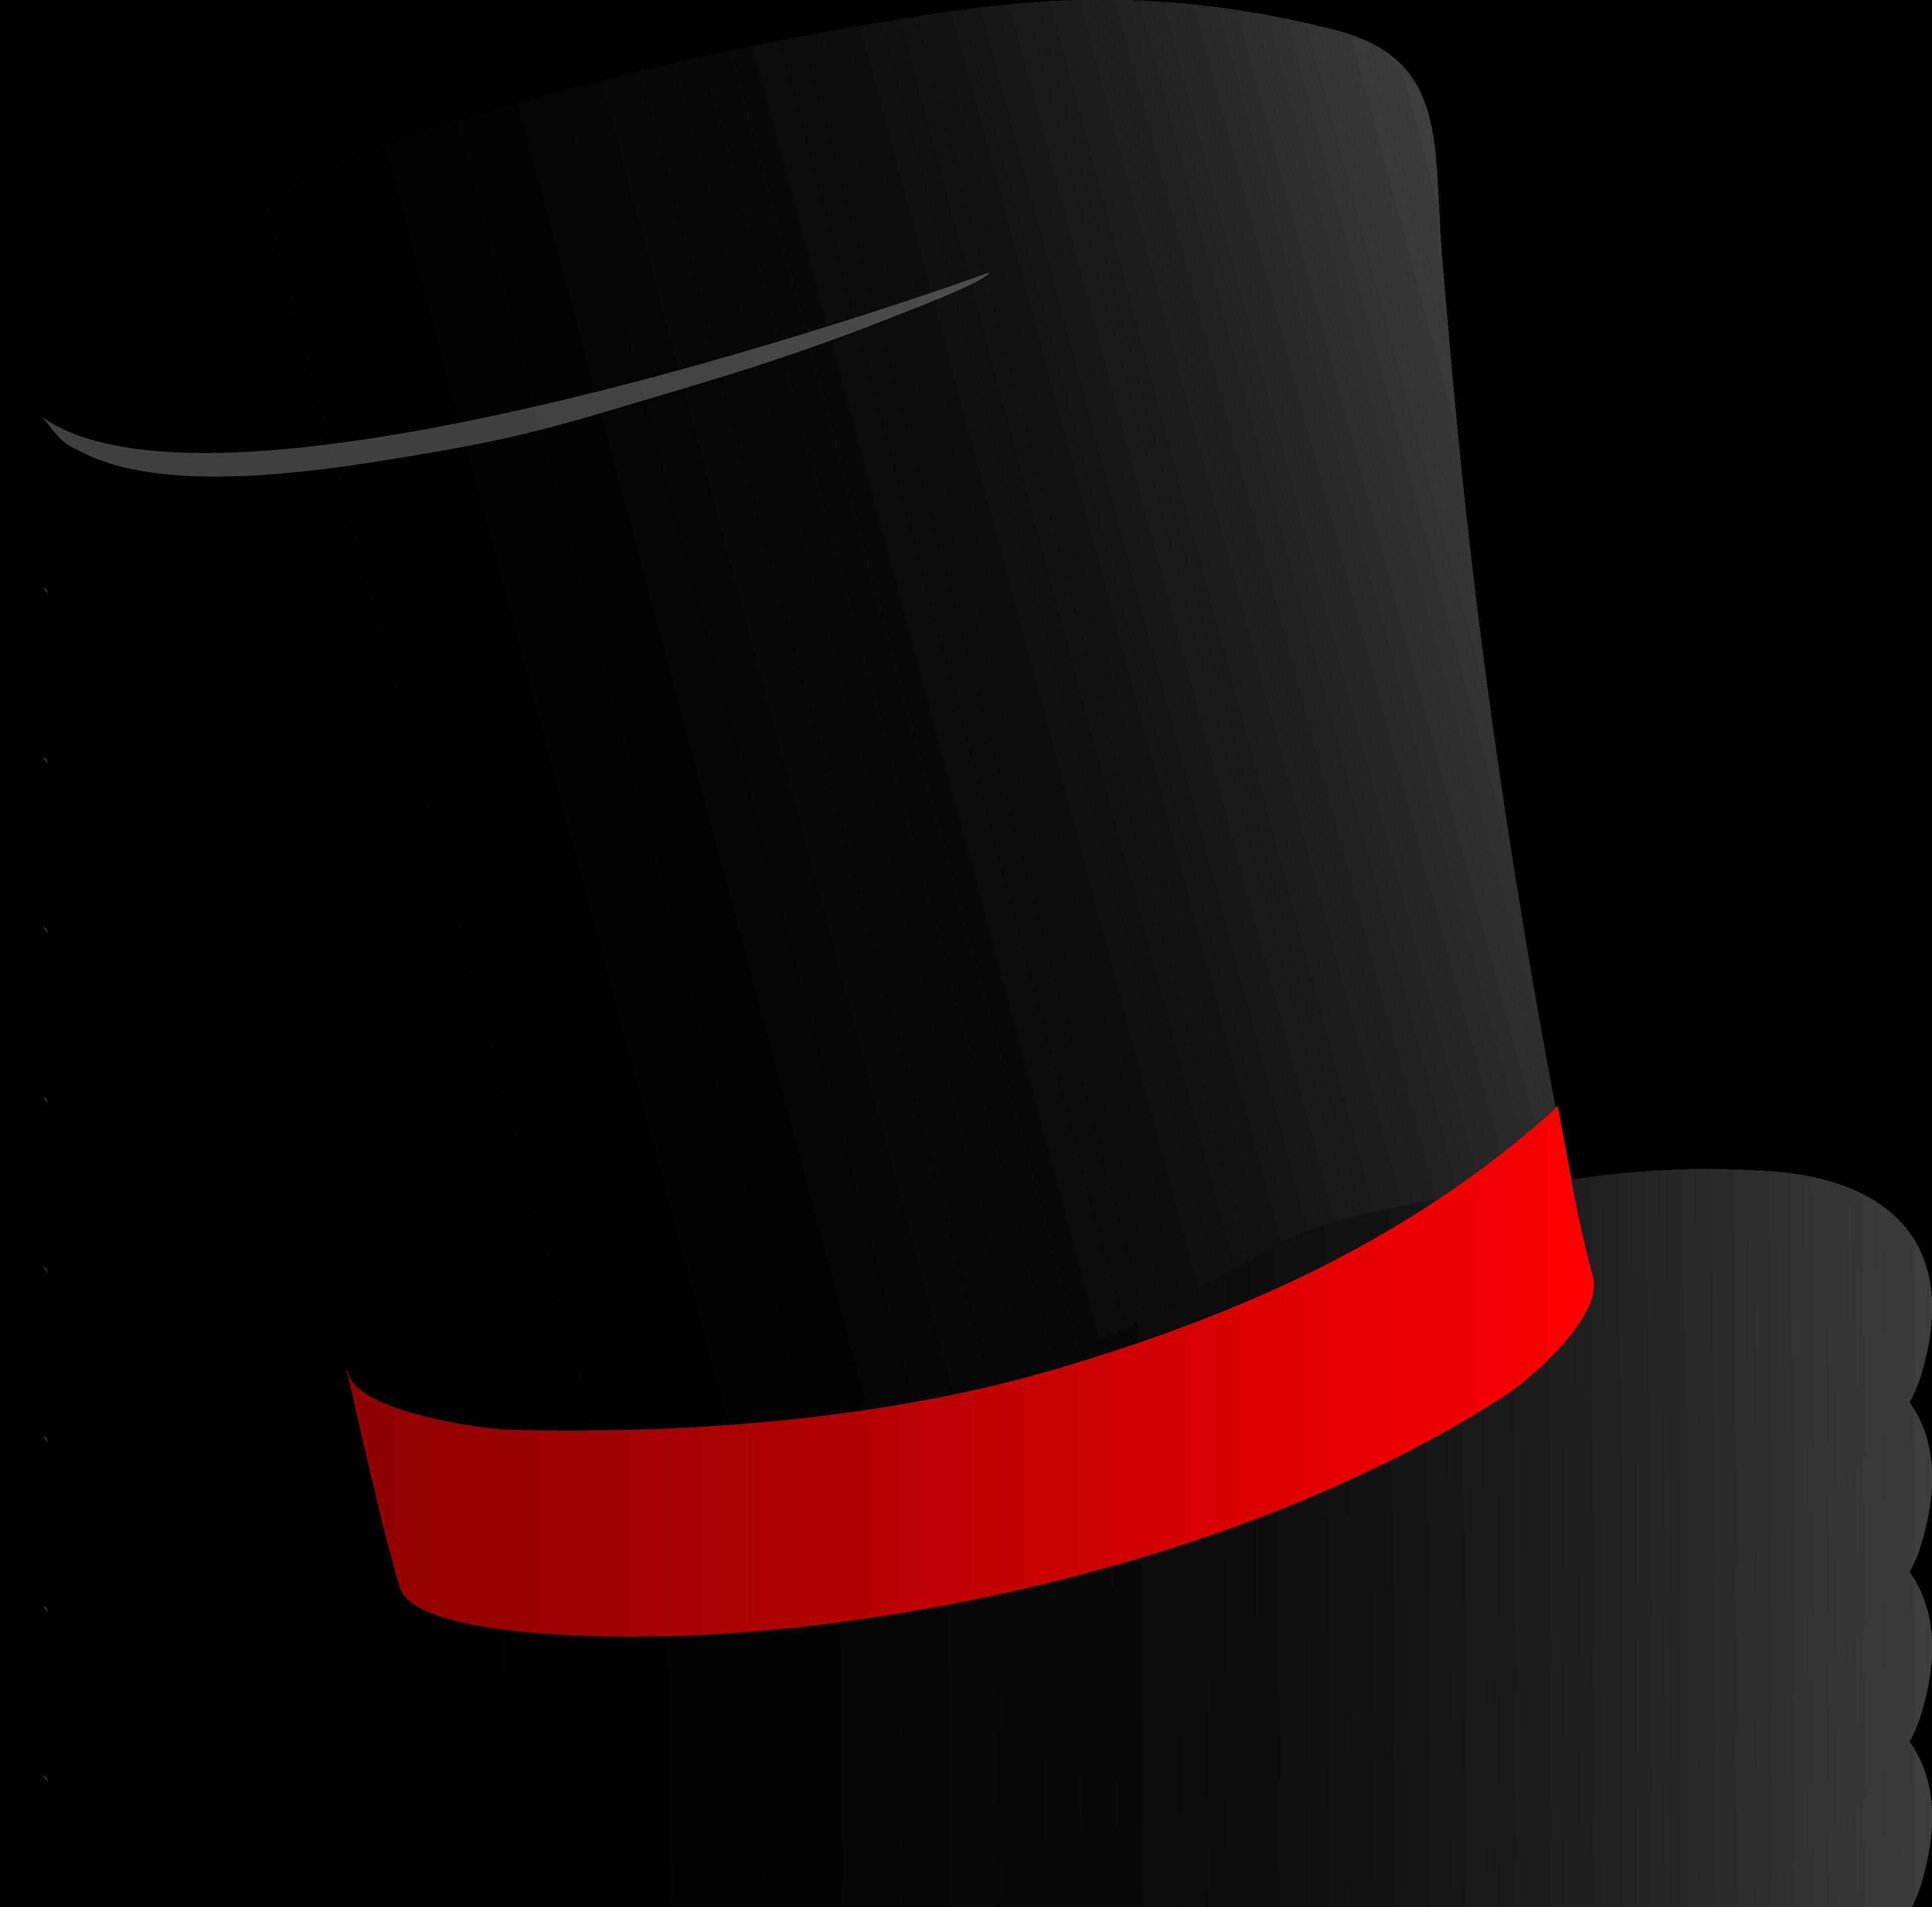 Magic Hat Clip Art Cliparts Co